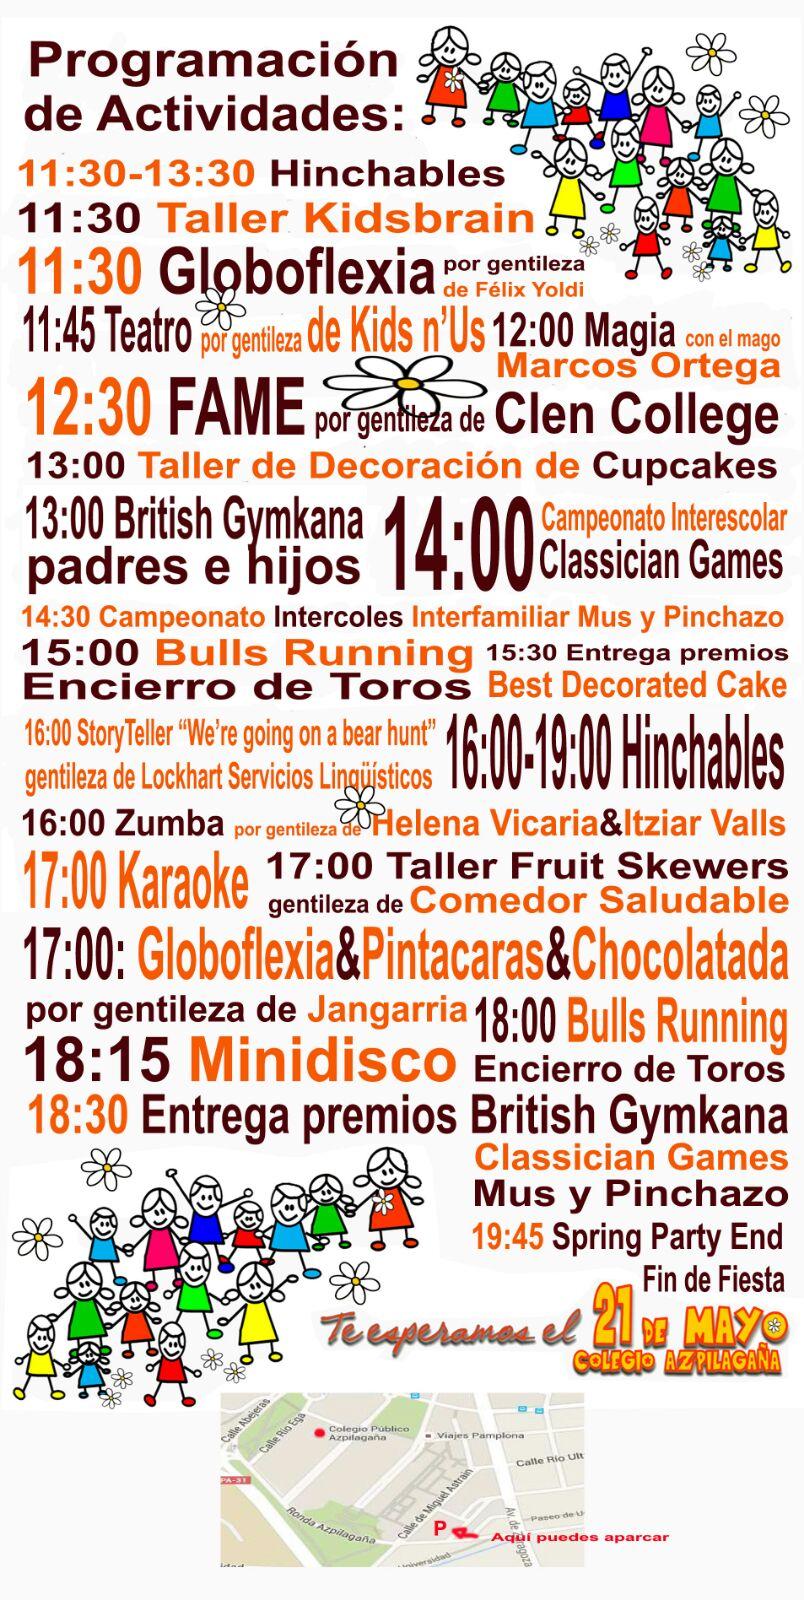 FiestaBritish21Mayo2